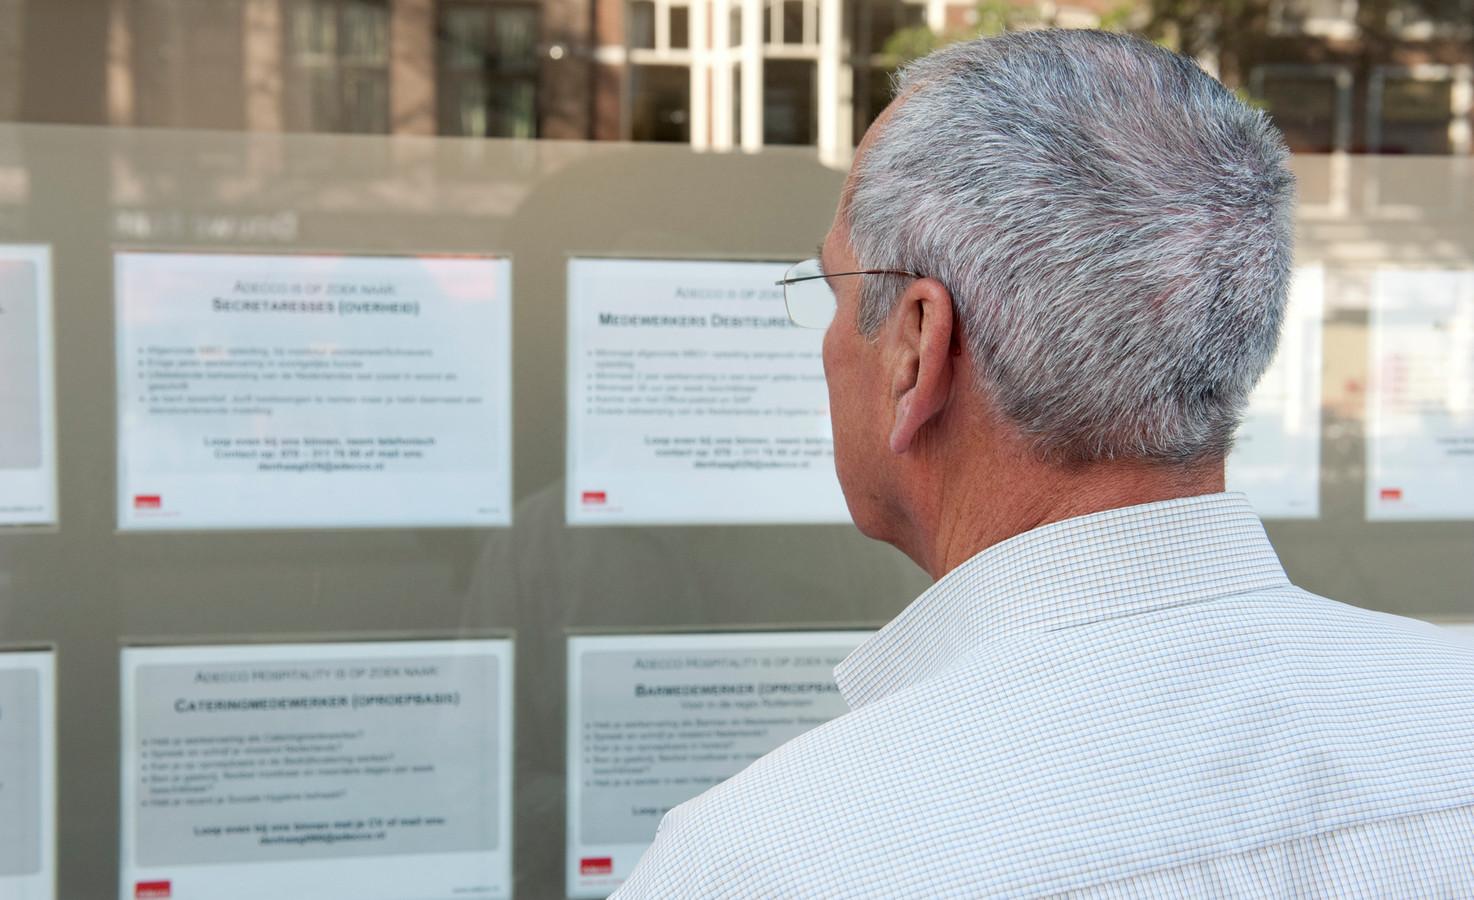 Een oudere man bekijkt vacatures bij een uitzendbureau. Meer mensen van 55 jaar en ouder hebben het afgelopen kwartaal een betaalde baan gevonden.